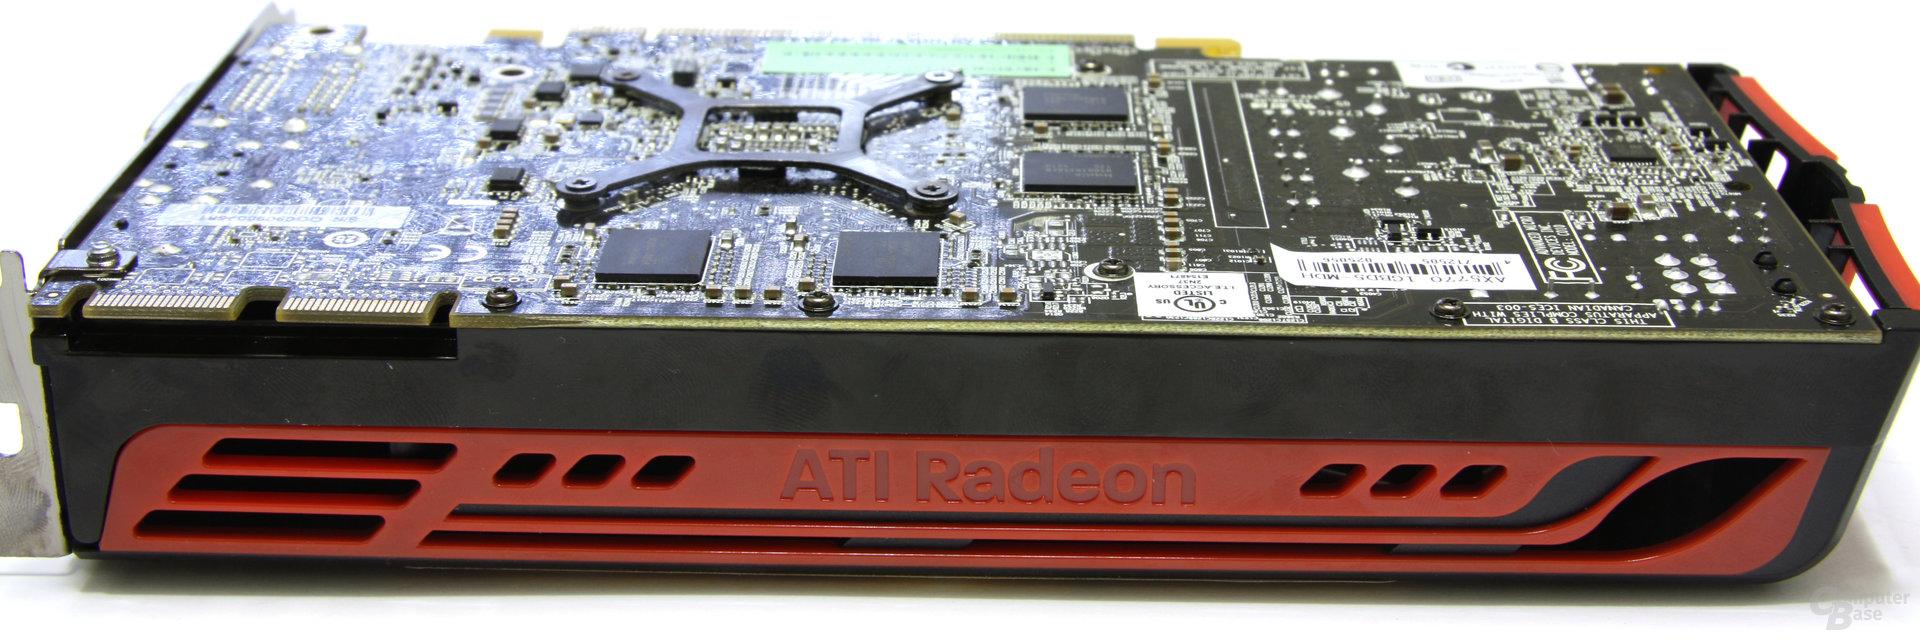 Radeon HD 5770 Schriftzug